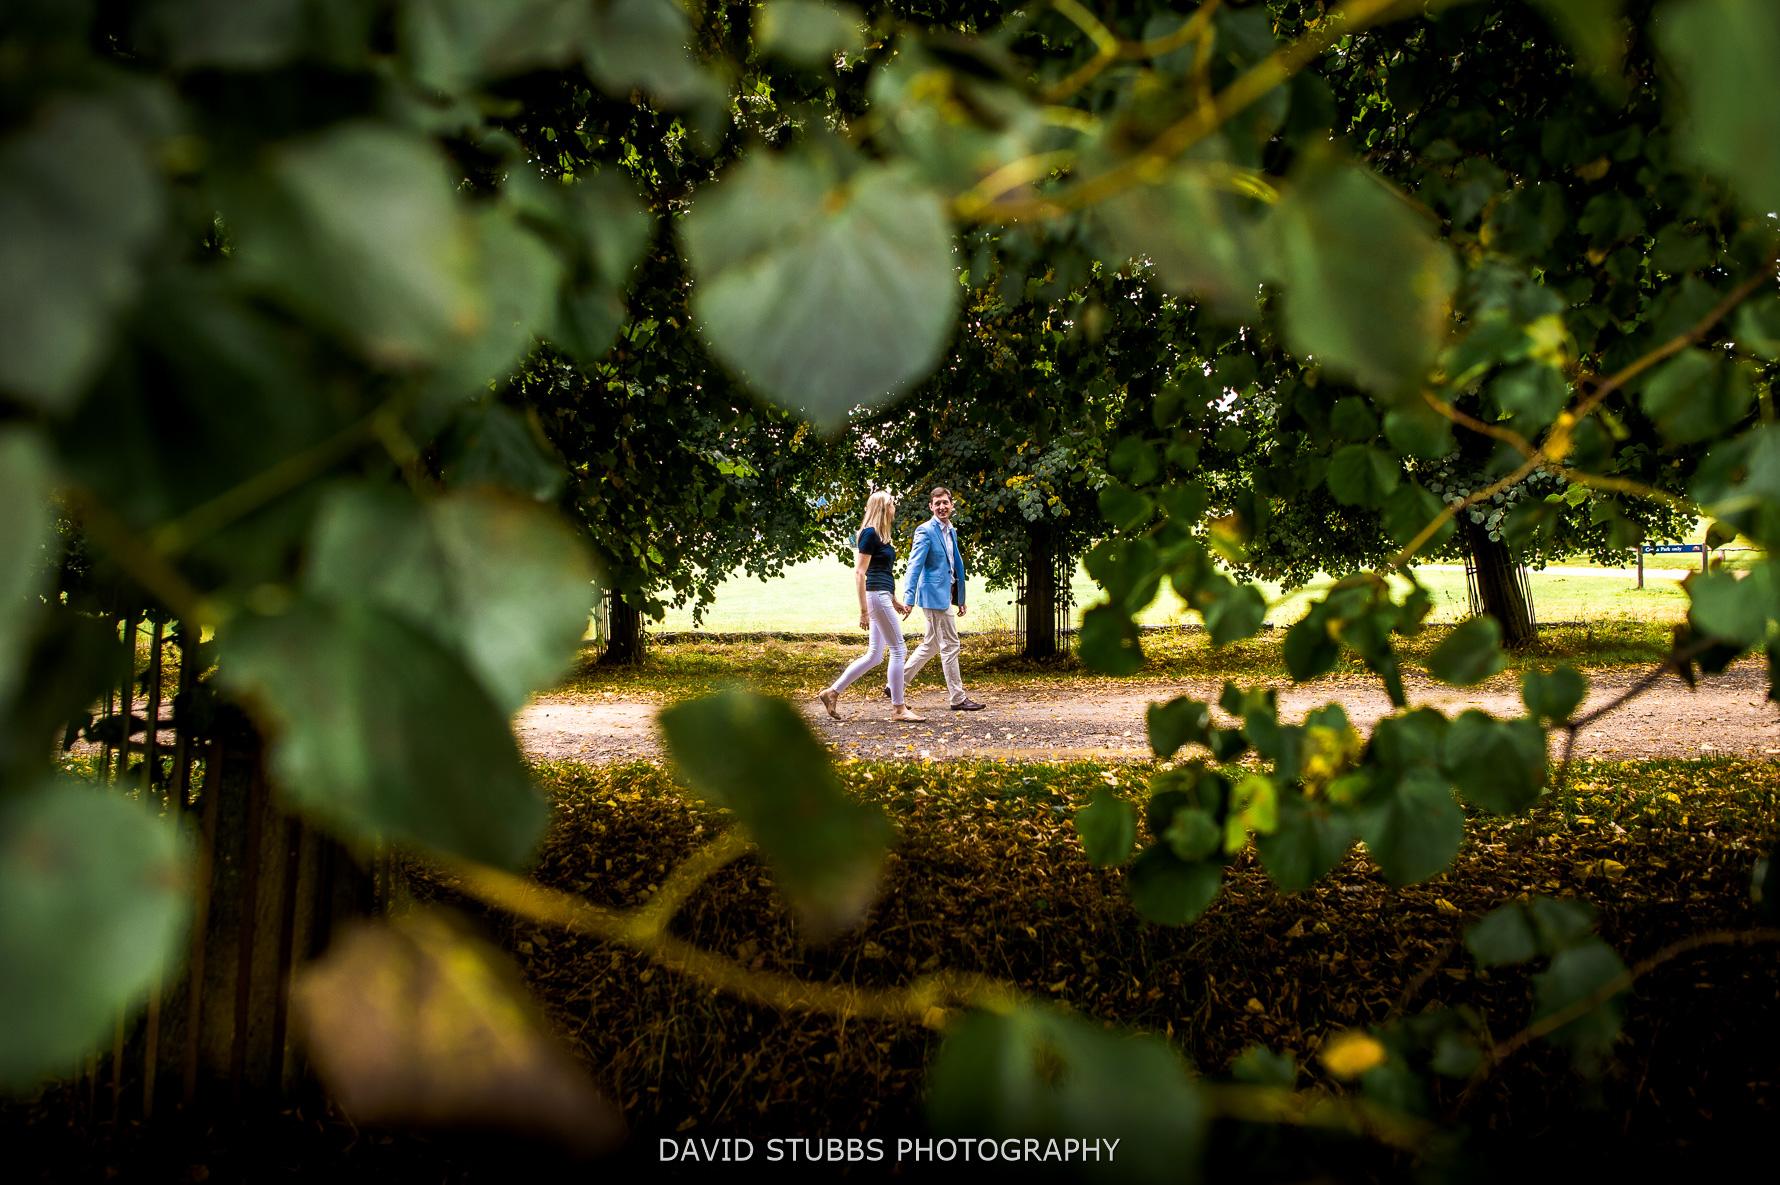 walking betwene trees in great light